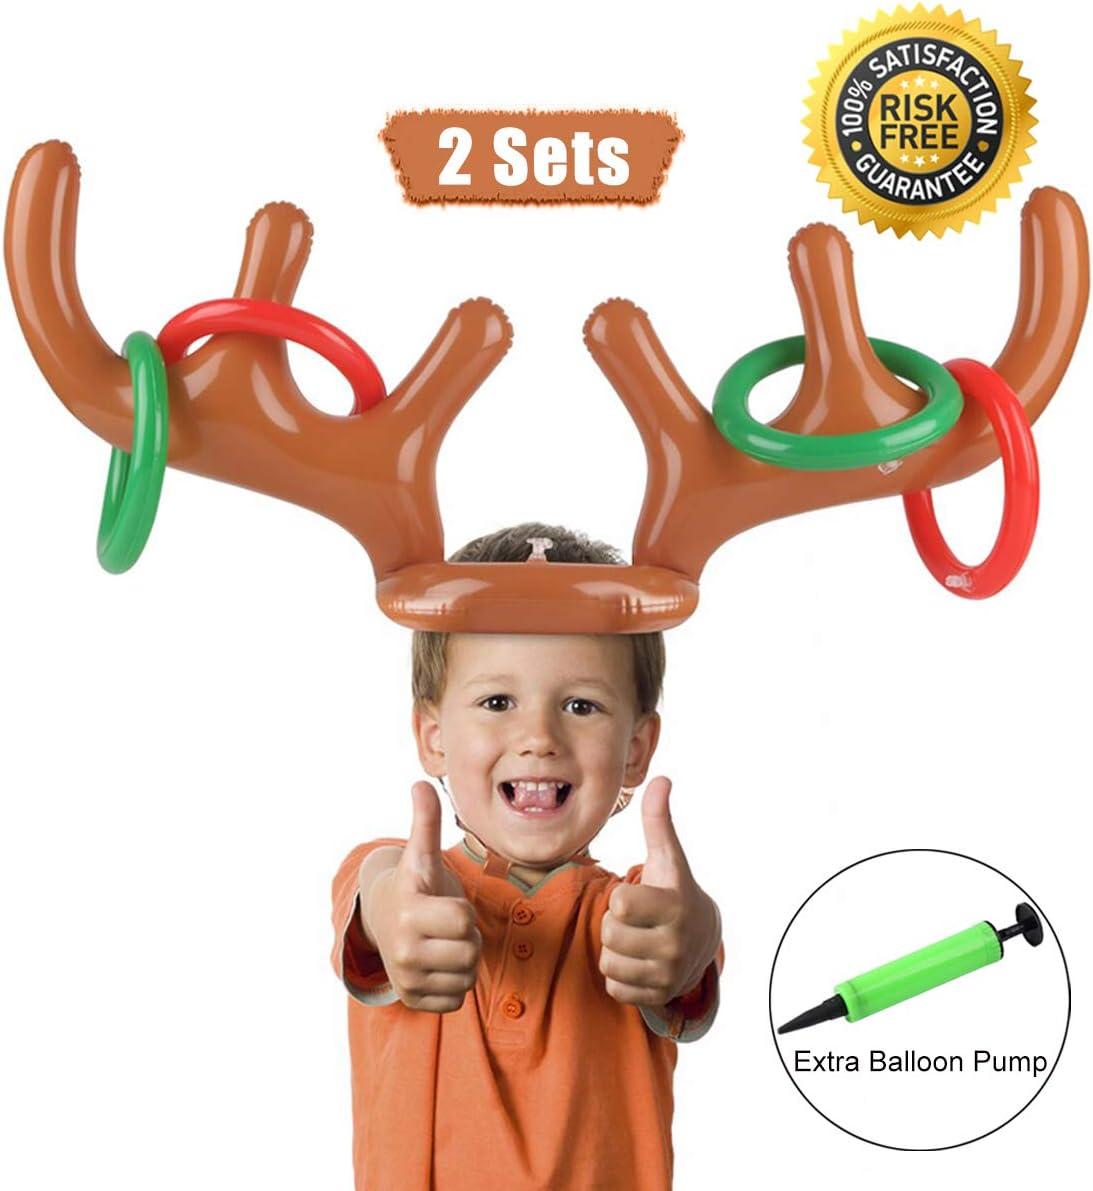 Weihnachten Geweih Ring Wurfspiel Satz enth/ält Gr/ünes Aufblasbares Rentier Geweih Stirnband und Bunt Bedrucktes Wurfring mit Pumpe f/ür Weihnachten 3 Geweihe, 18 Ringe, 1 Pumpe